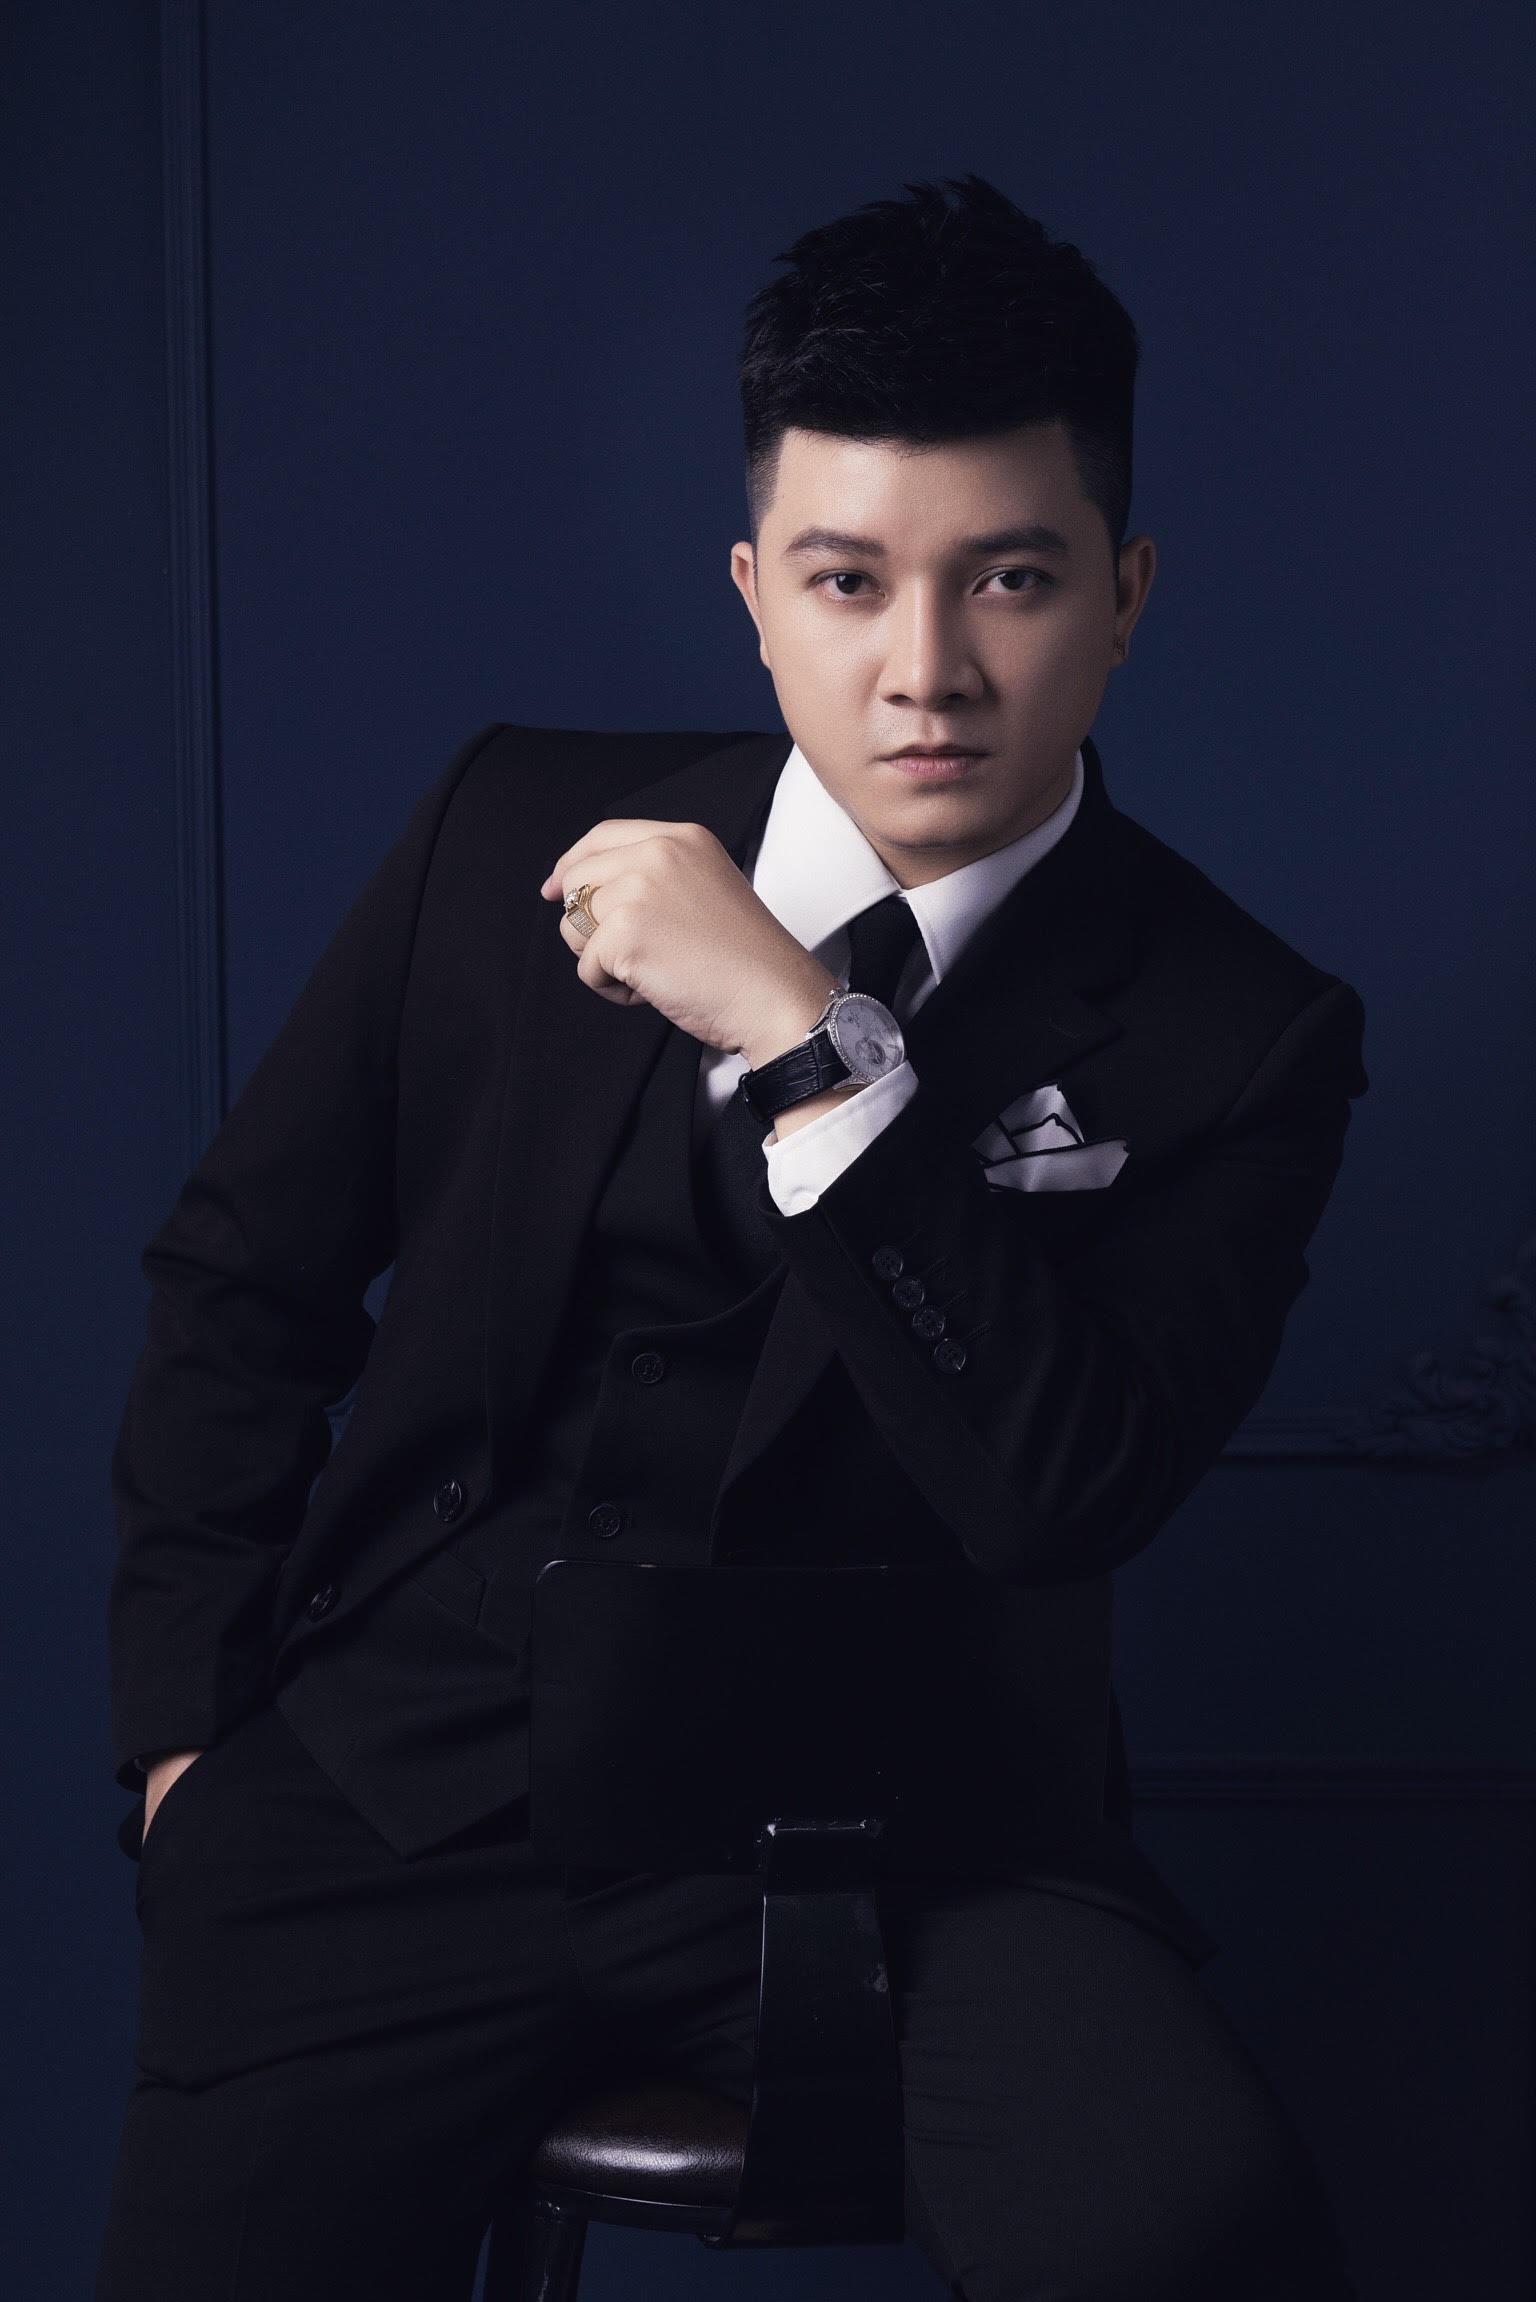 Nhà thiết kế gặp áp lực khi làm trang phục cho Trấn Thành ở Rap Việt - Ảnh 3.